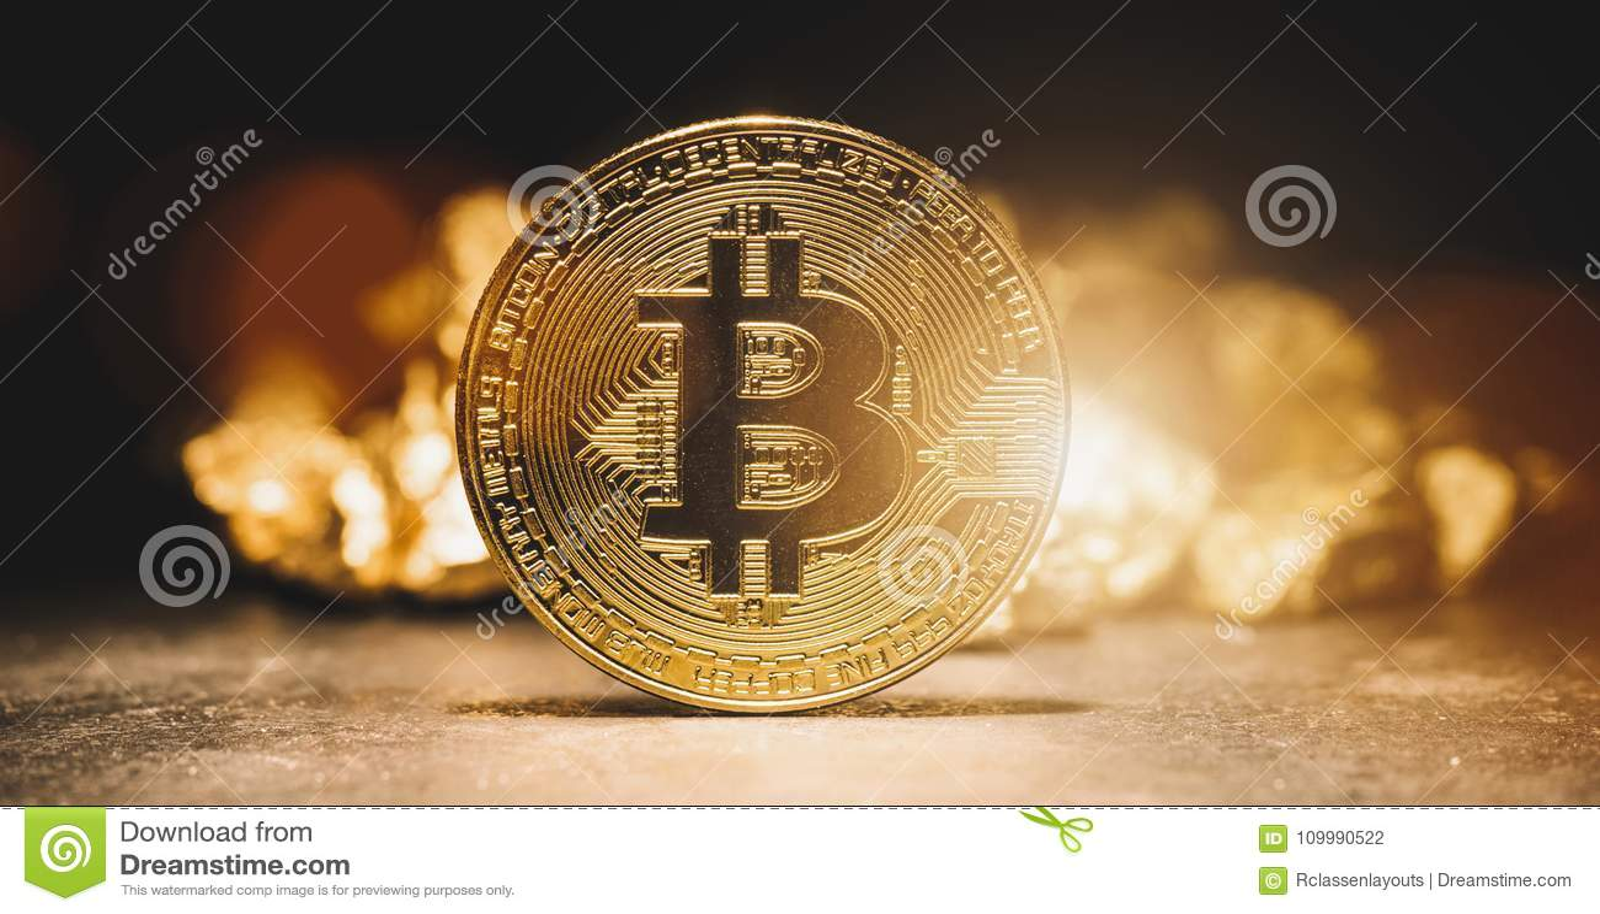 Cryptocurrency Bitcoin i kopiec złoto - Biznesowy pojęcia imago